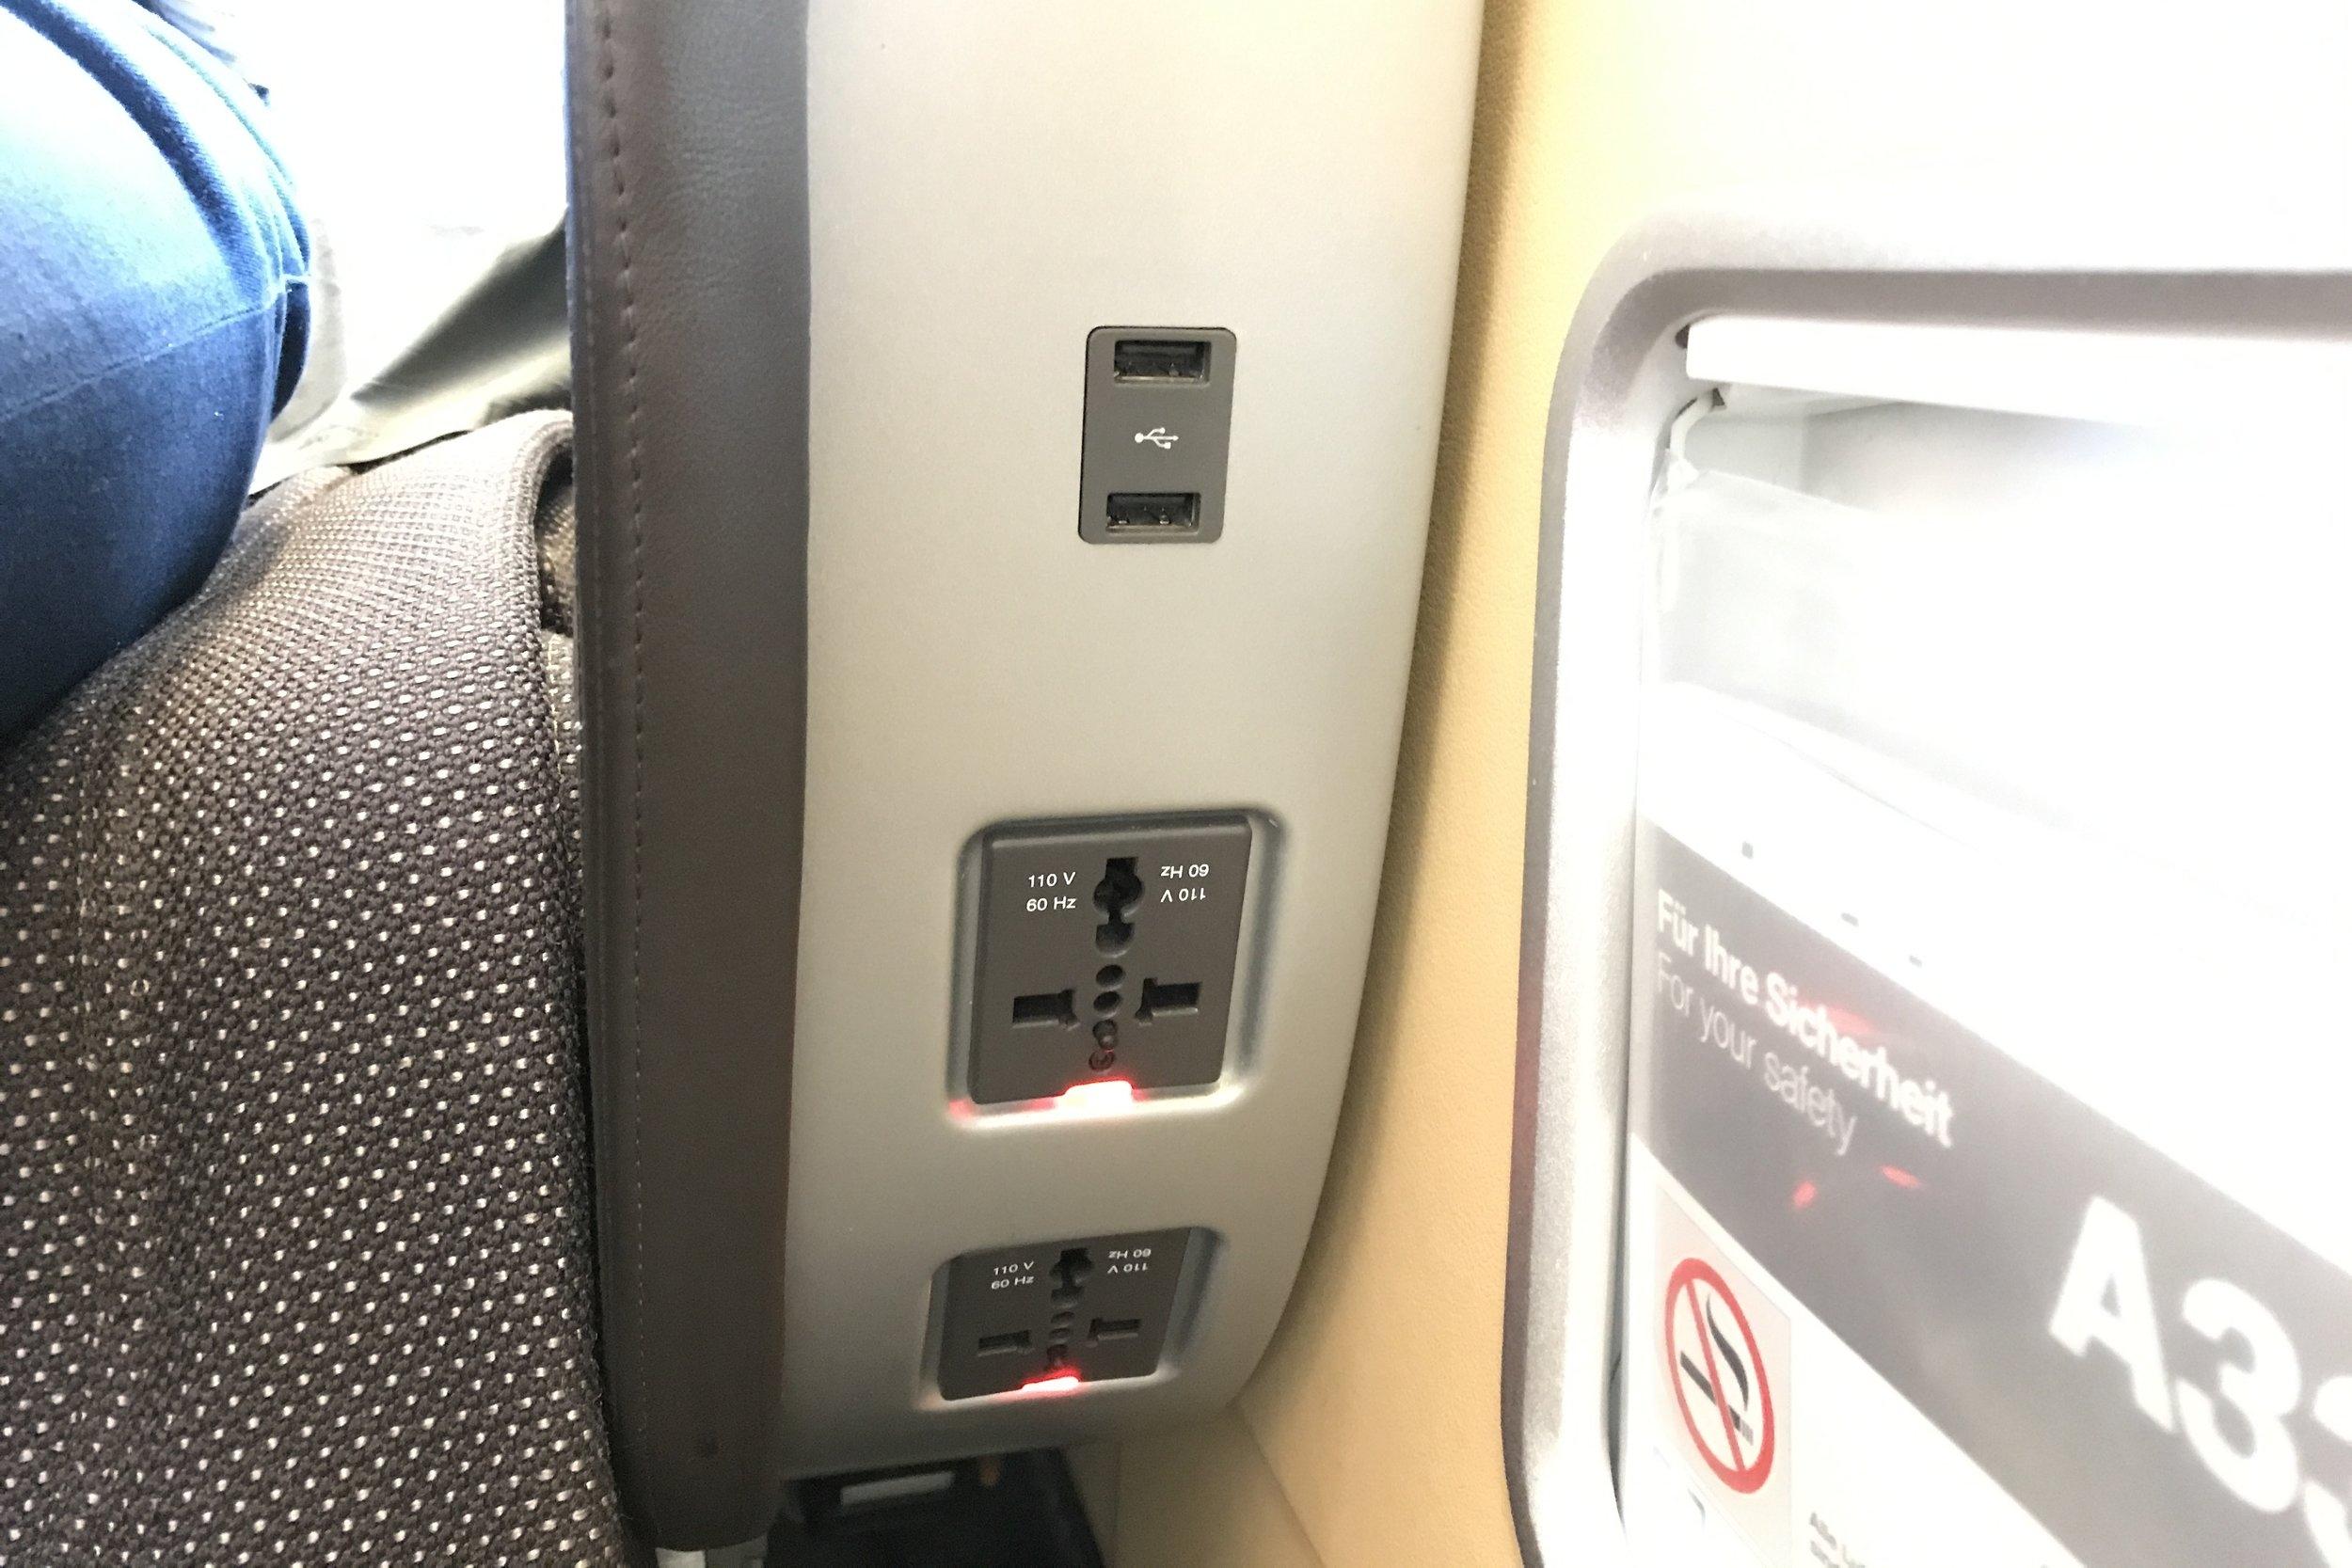 Lufthansa First Class – Power outlets